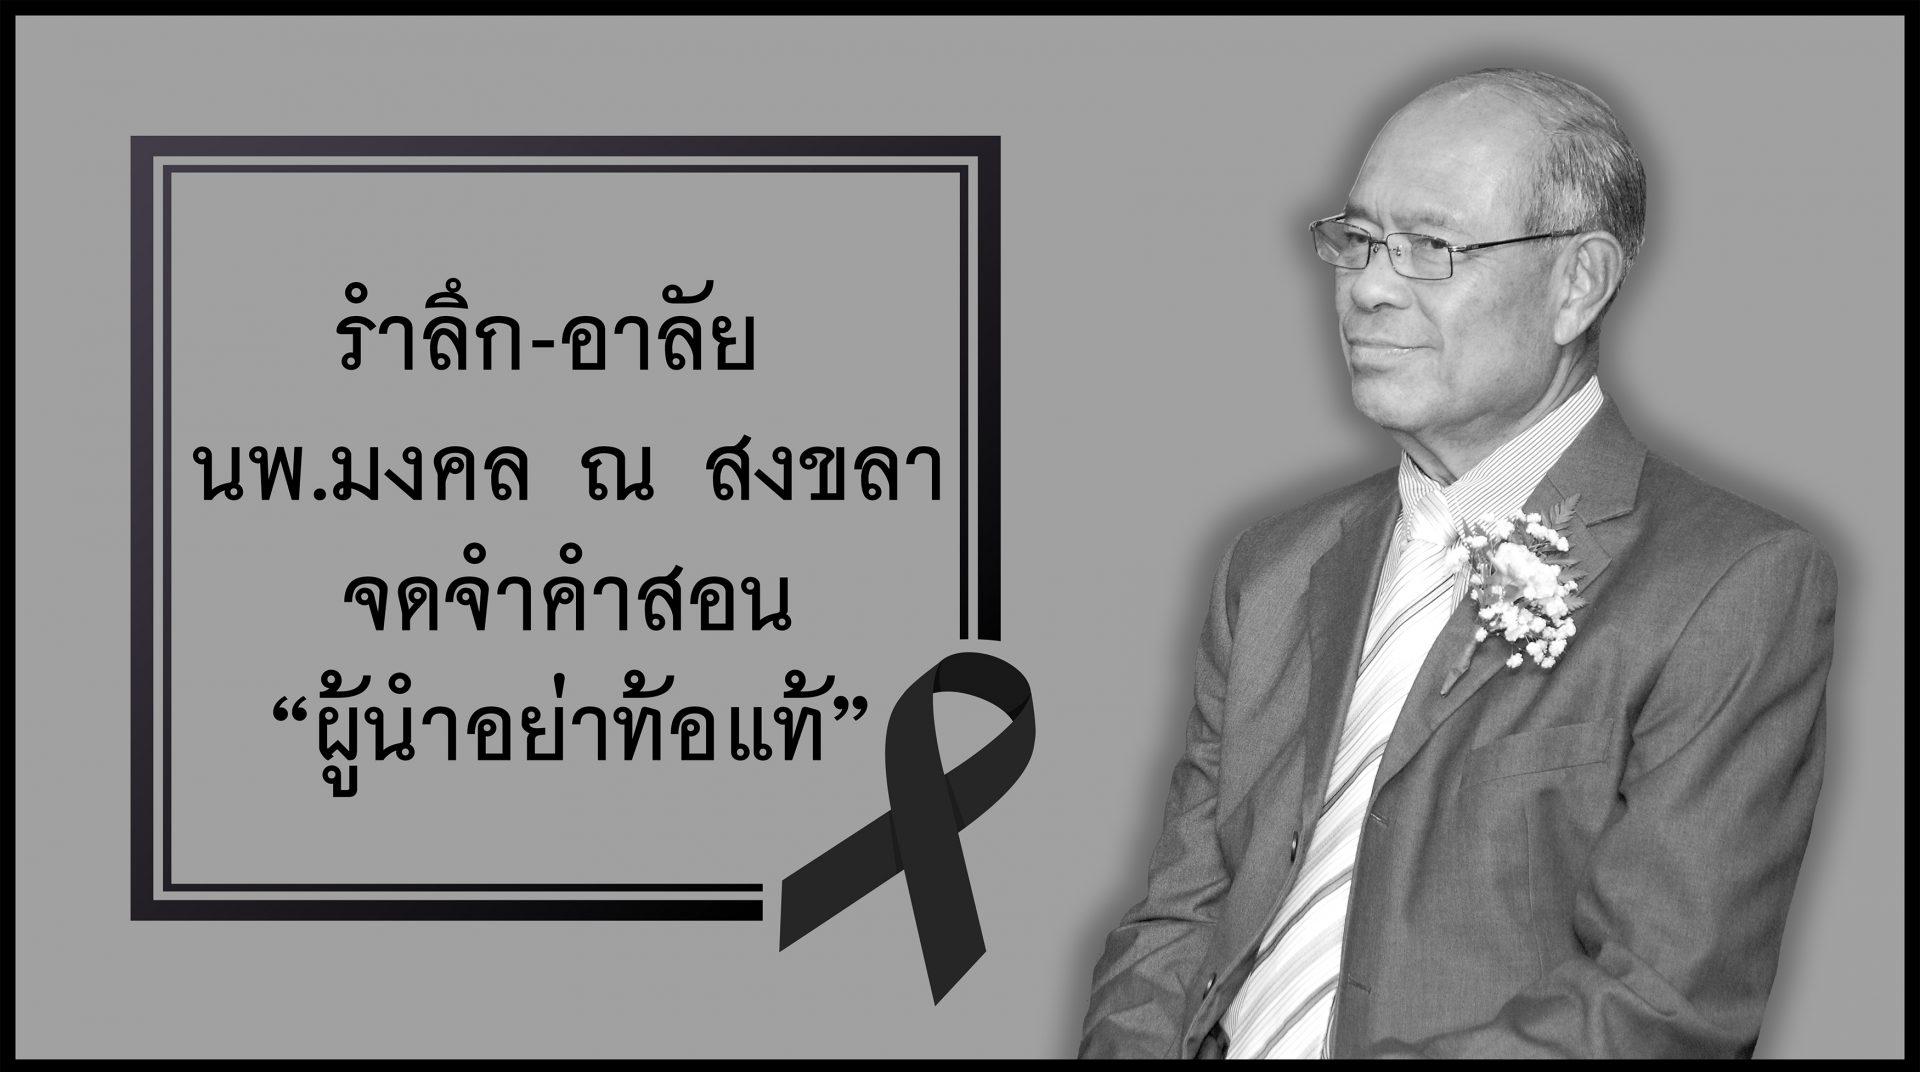 """รำลึก-อาลัย นพ.มงคล ณ สงขลา จดจำคำสอน""""ผู้นำอย่าท้อแท้"""""""